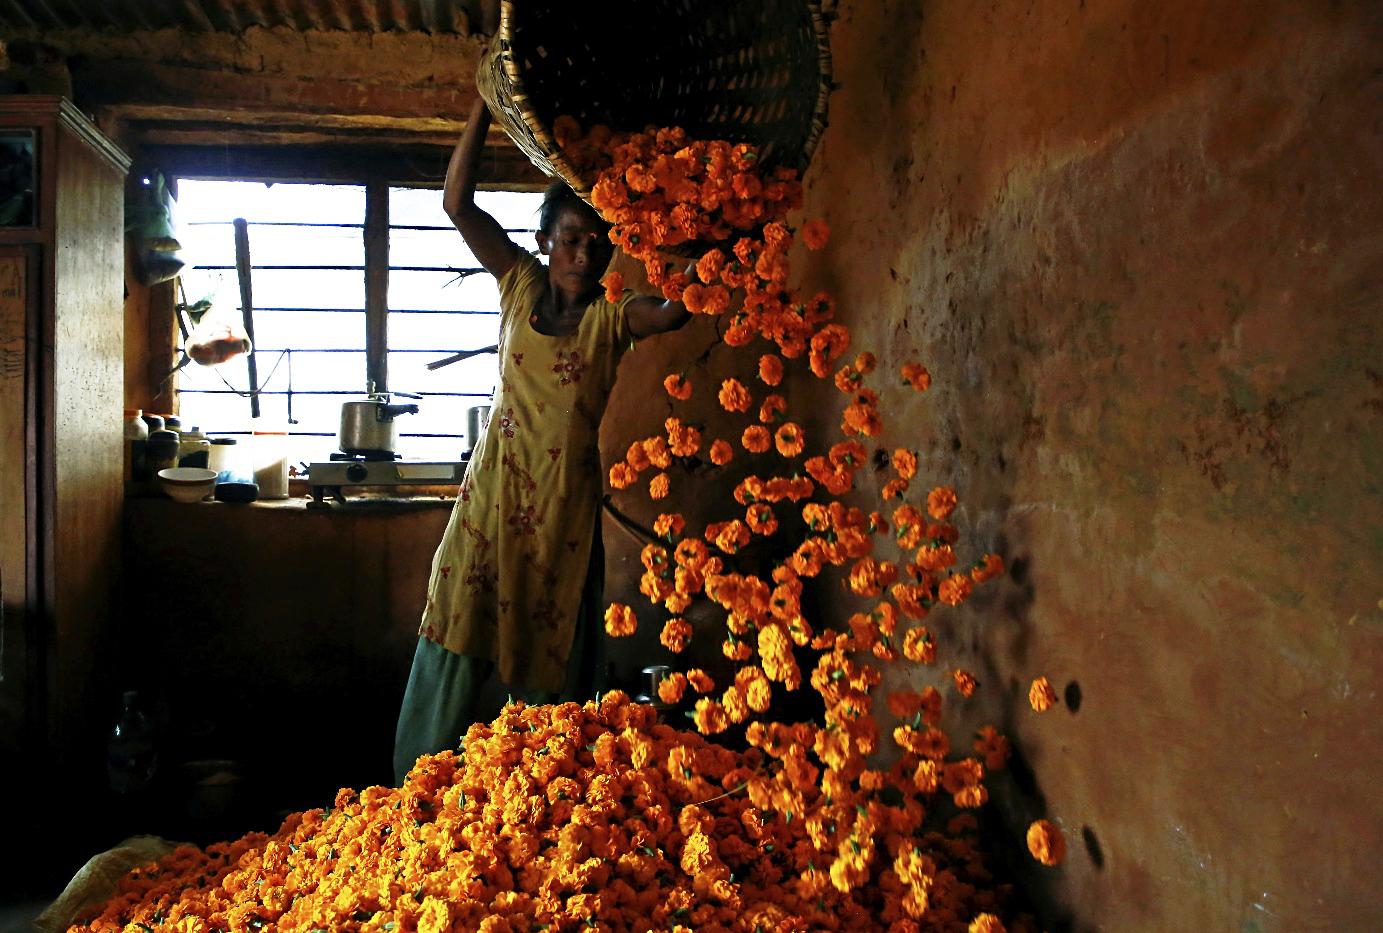 Una mujer descarga flores utilizadas para hacer ofrendas de guirnaldas en el festival de Diwali en Katmandú, Nepal.